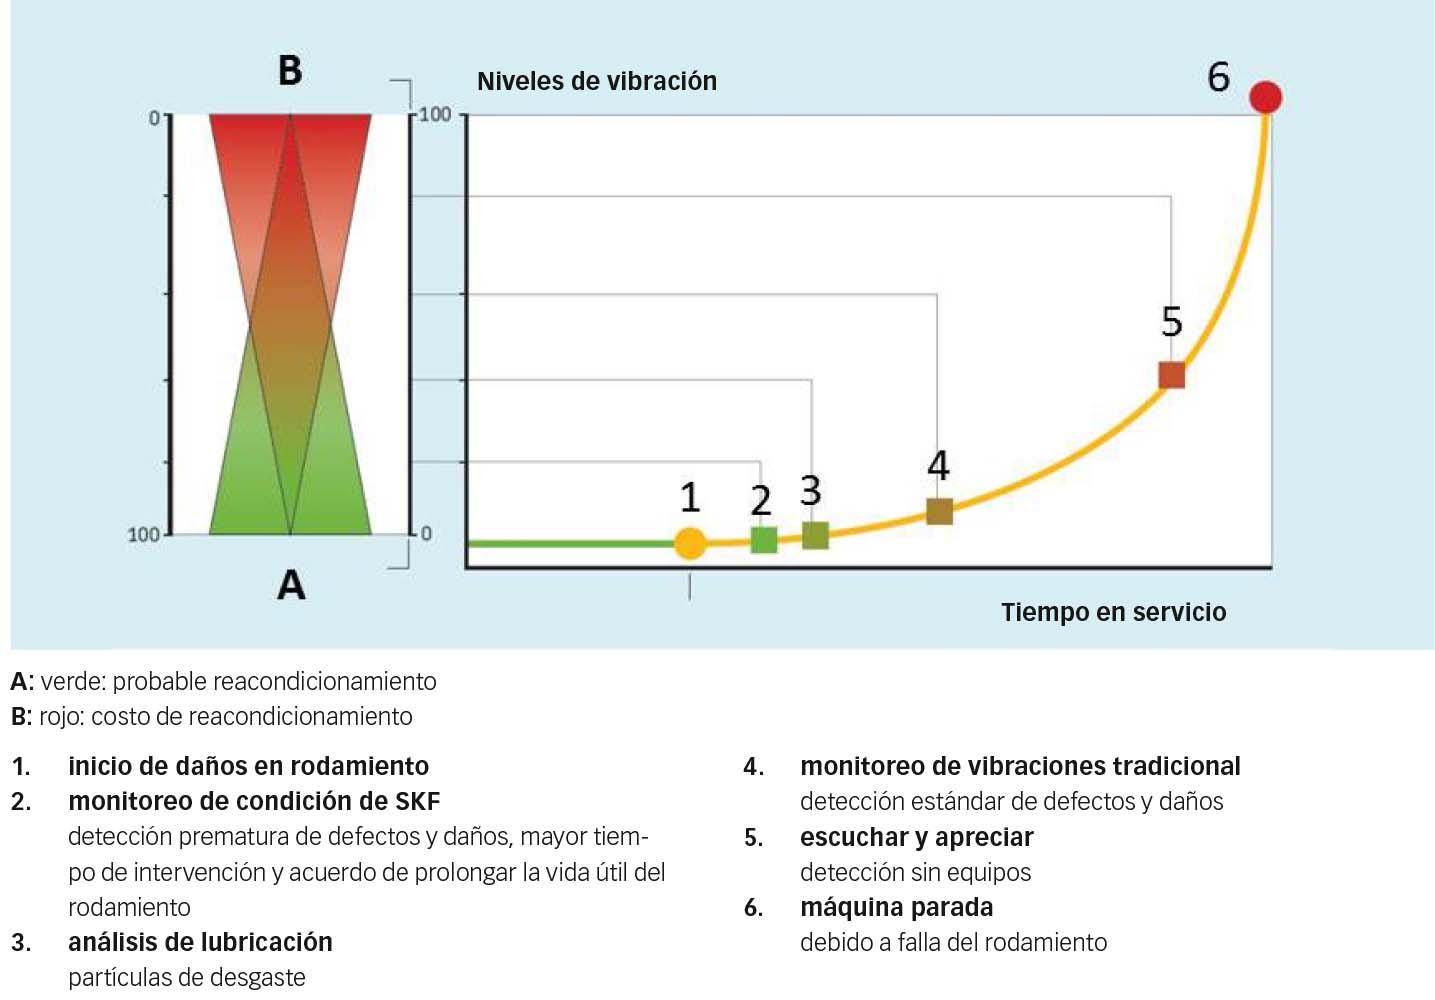 Fig 4: Costos de reacondicionamiento – Gravedad de los daños en comparación con la aptitud de reacondicionamiento – Los daños en los rodamientos detectados prematuramente aumentan las posibilidades de reacondicionamiento y reducen los costos implicados.